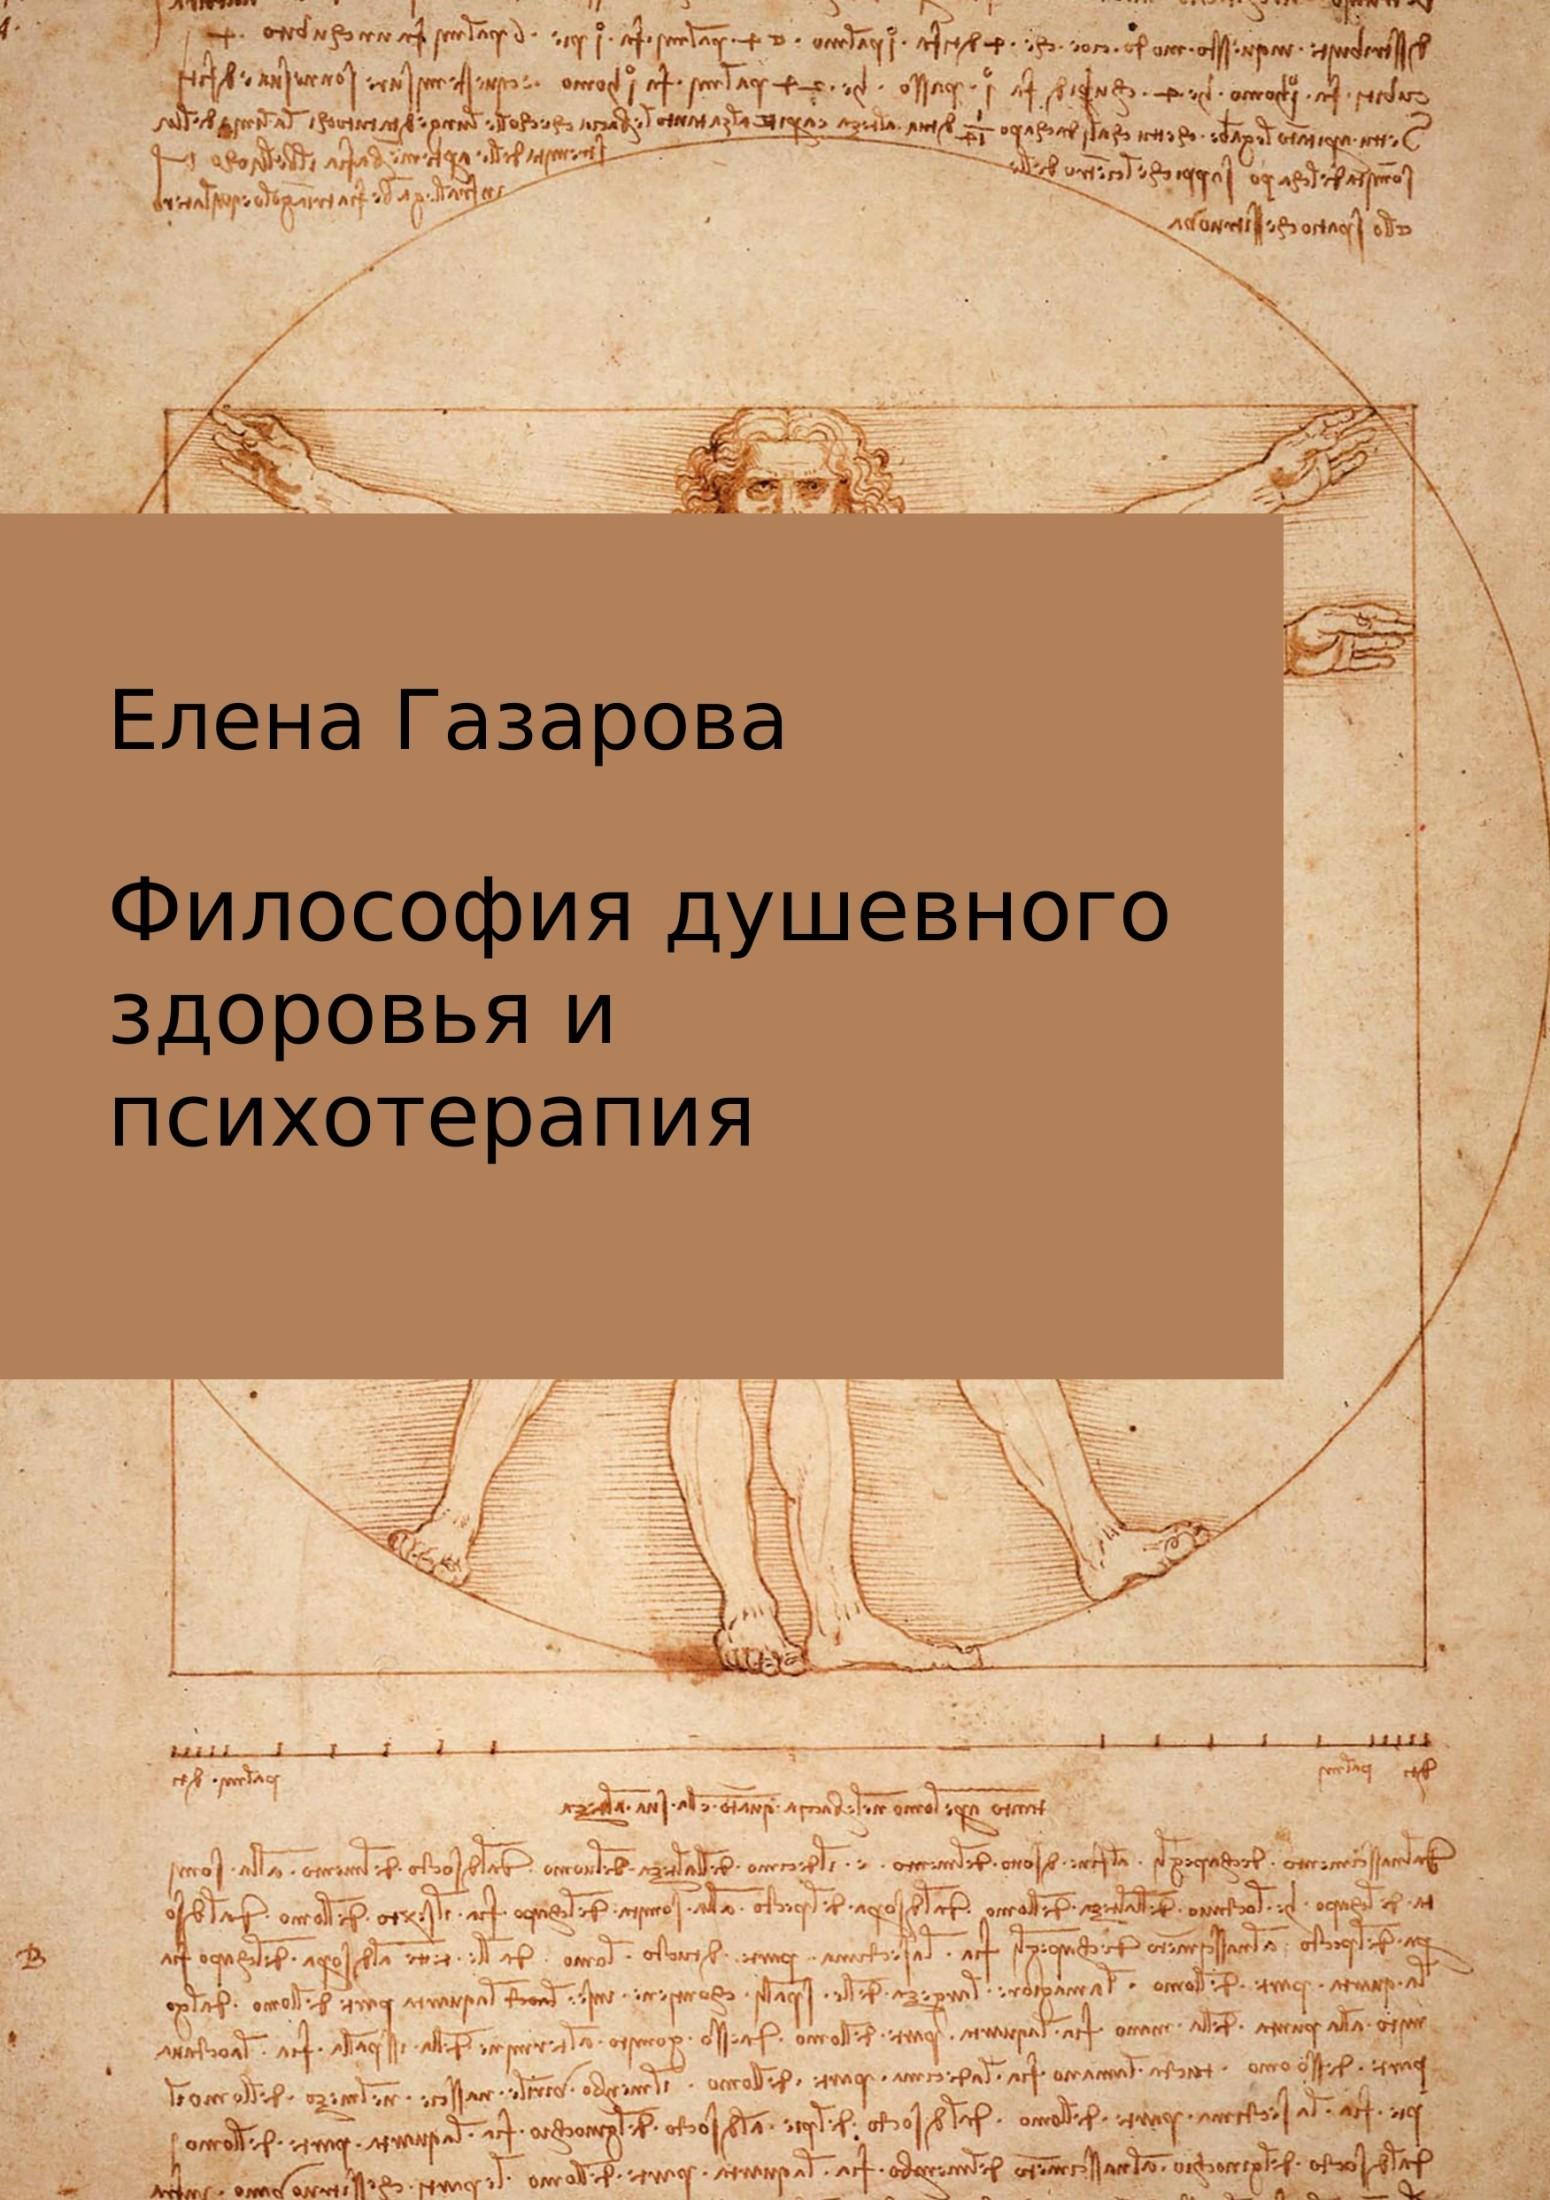 Елена Эдуардовна Газарова Философия душевного здоровья и психотерапия цены онлайн